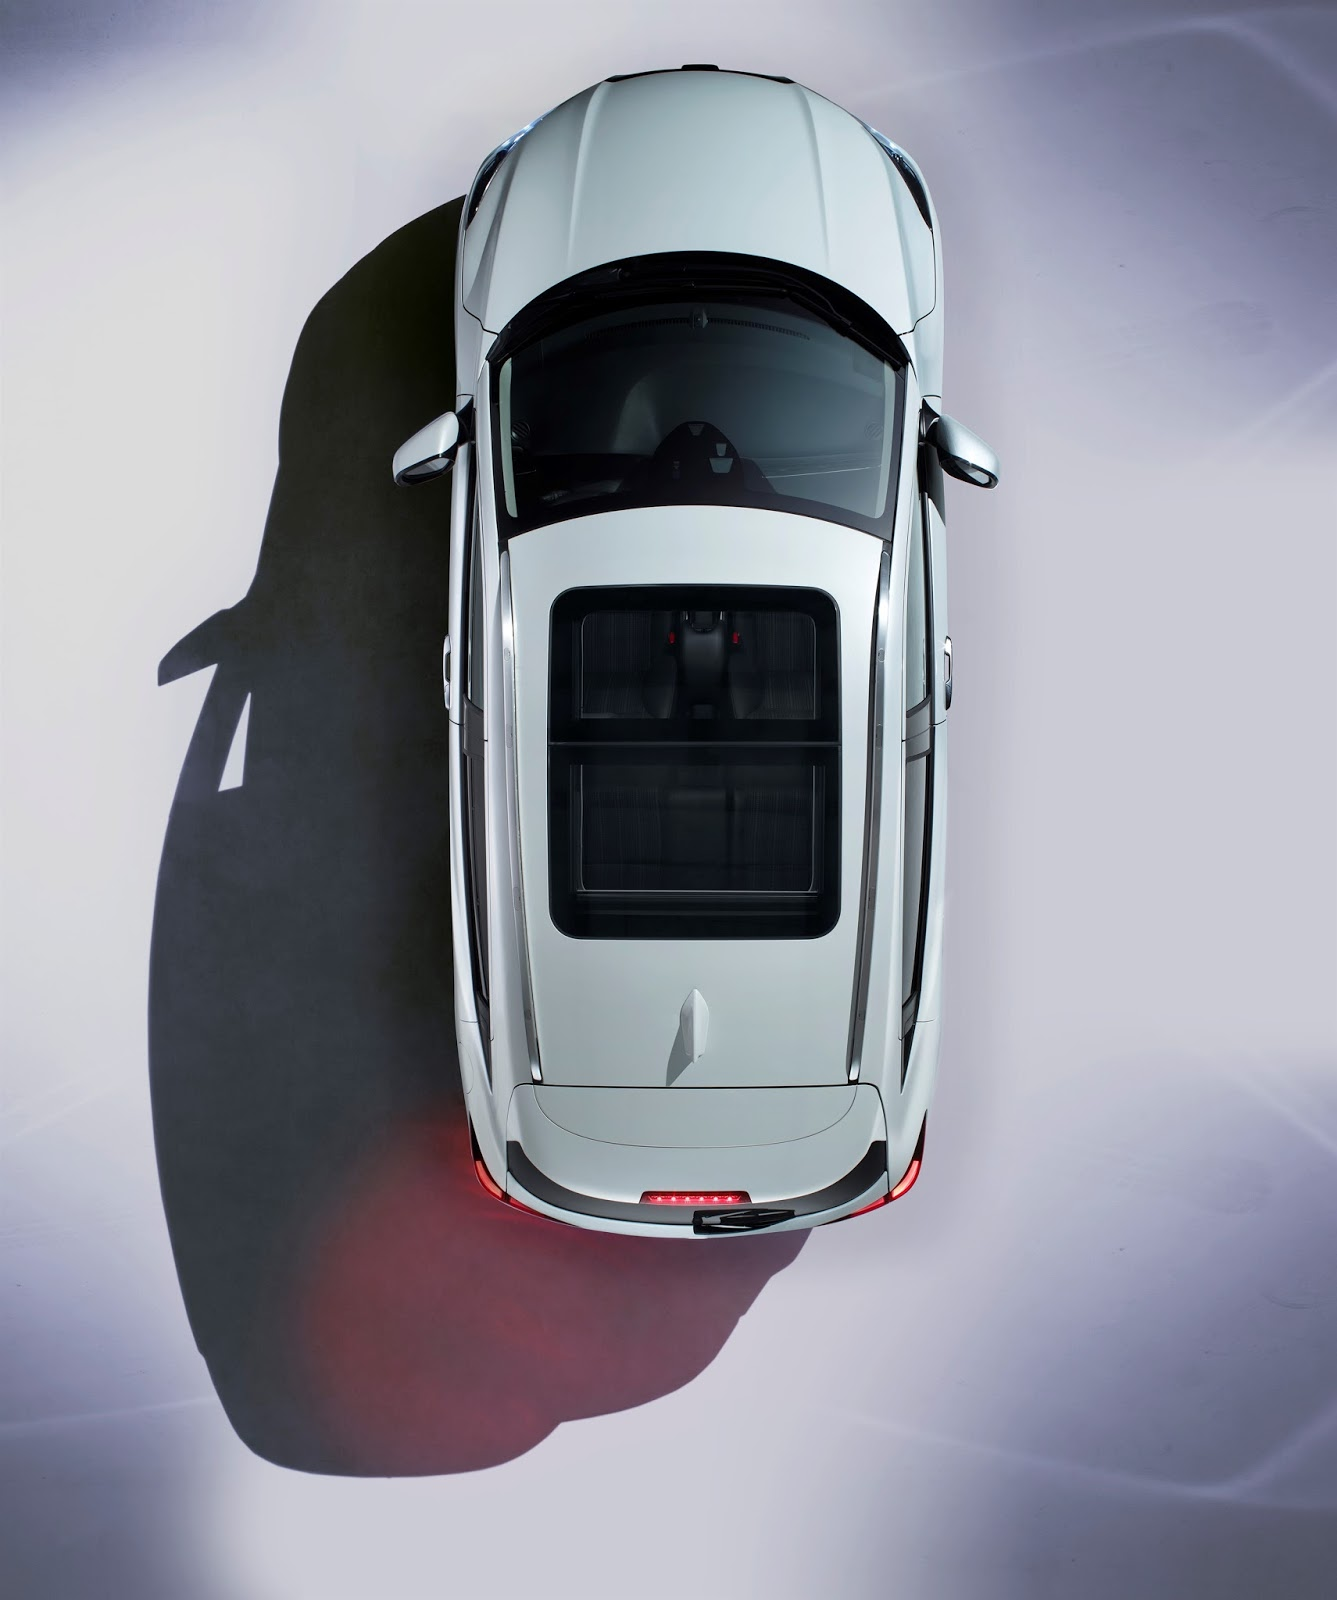 40679 2015 Honda HR V Όλες οι λεπτομέρειες για το νέο Honda HR-V Honda, Honda HR-V, HR-V, SUV